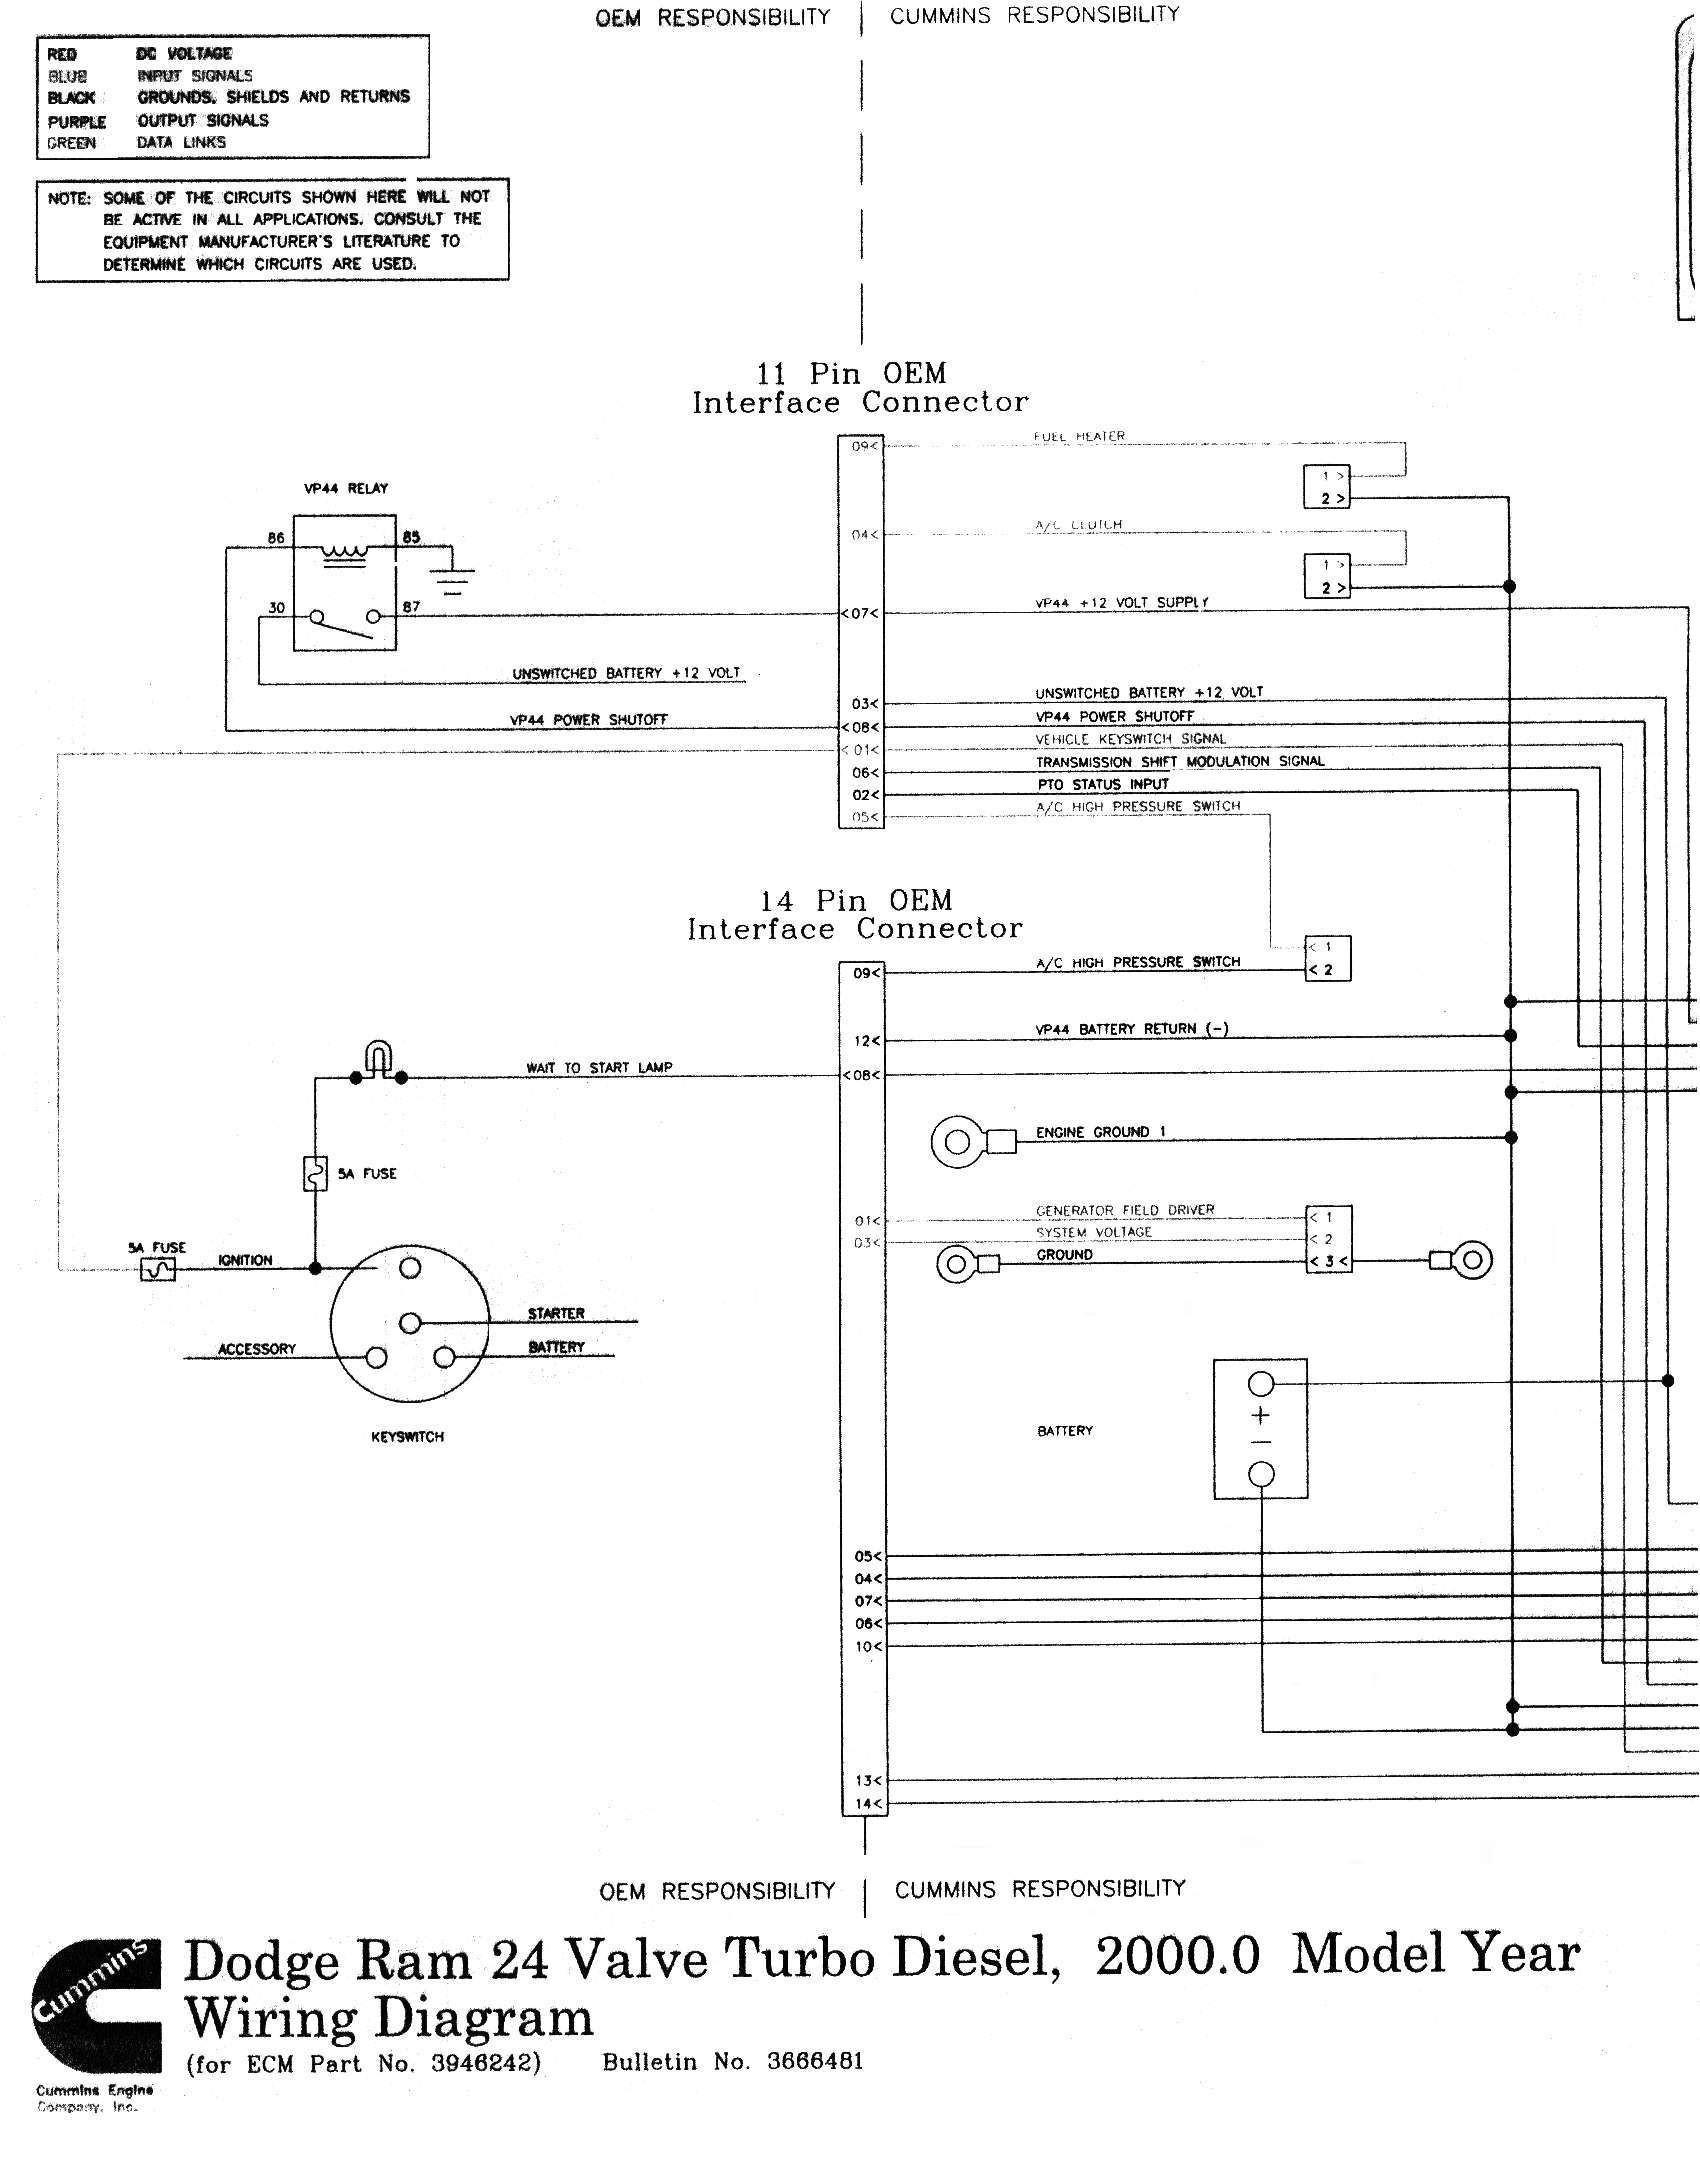 5 9 Cummins Engine Diagram 2 2005 Dodge Cummins Ecm Wiring Diagram Sample Of 5 9 Cummins Engine Diagram 2